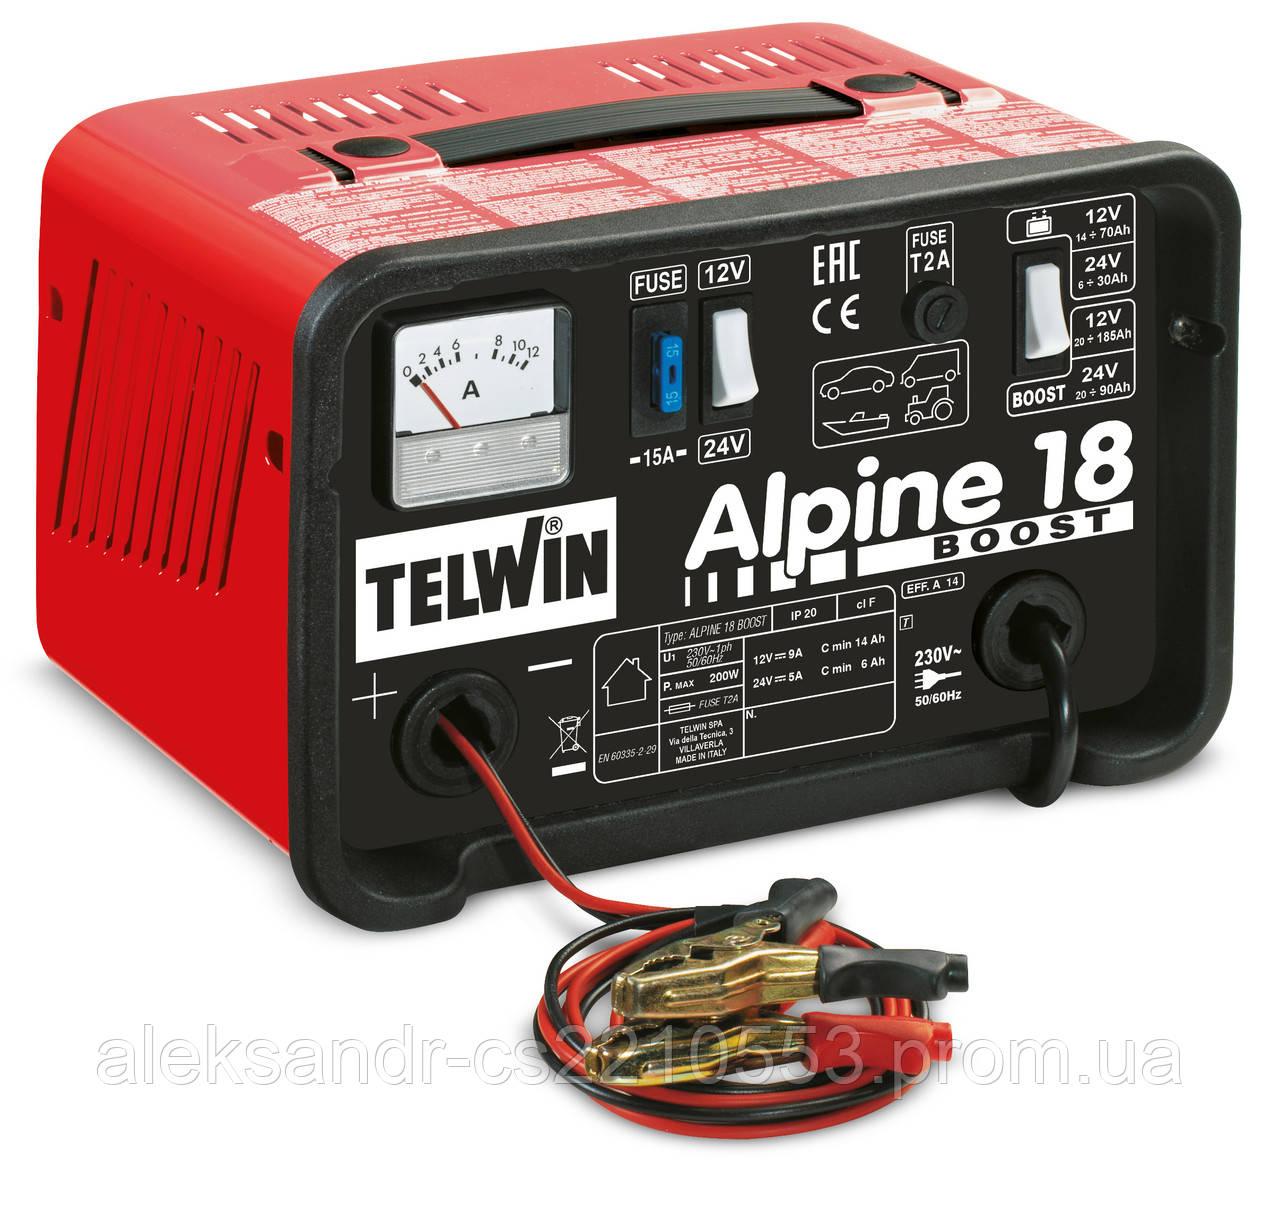 Telwin Alpine 18 boost - Зарядное устройство